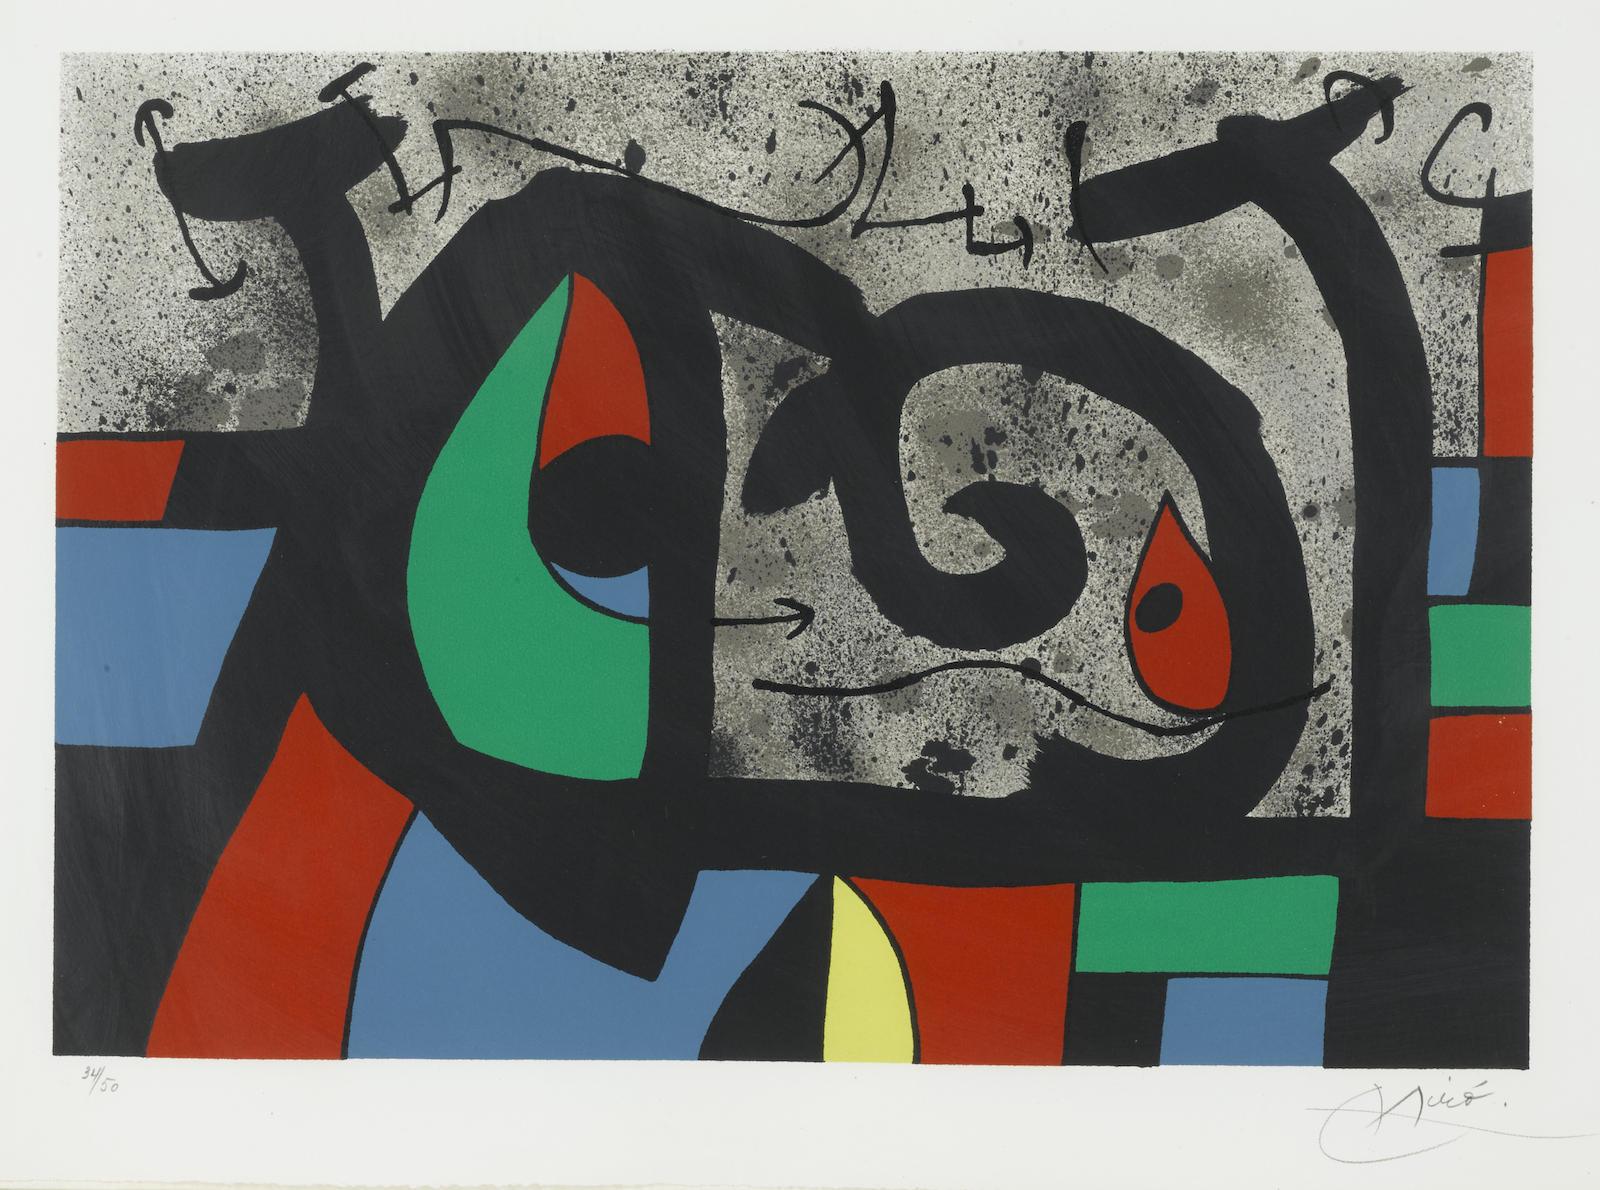 Joan Miro-Pl. 9, from Le lézard aux plumes d'or (M. 809; C. bk. 148)-1971